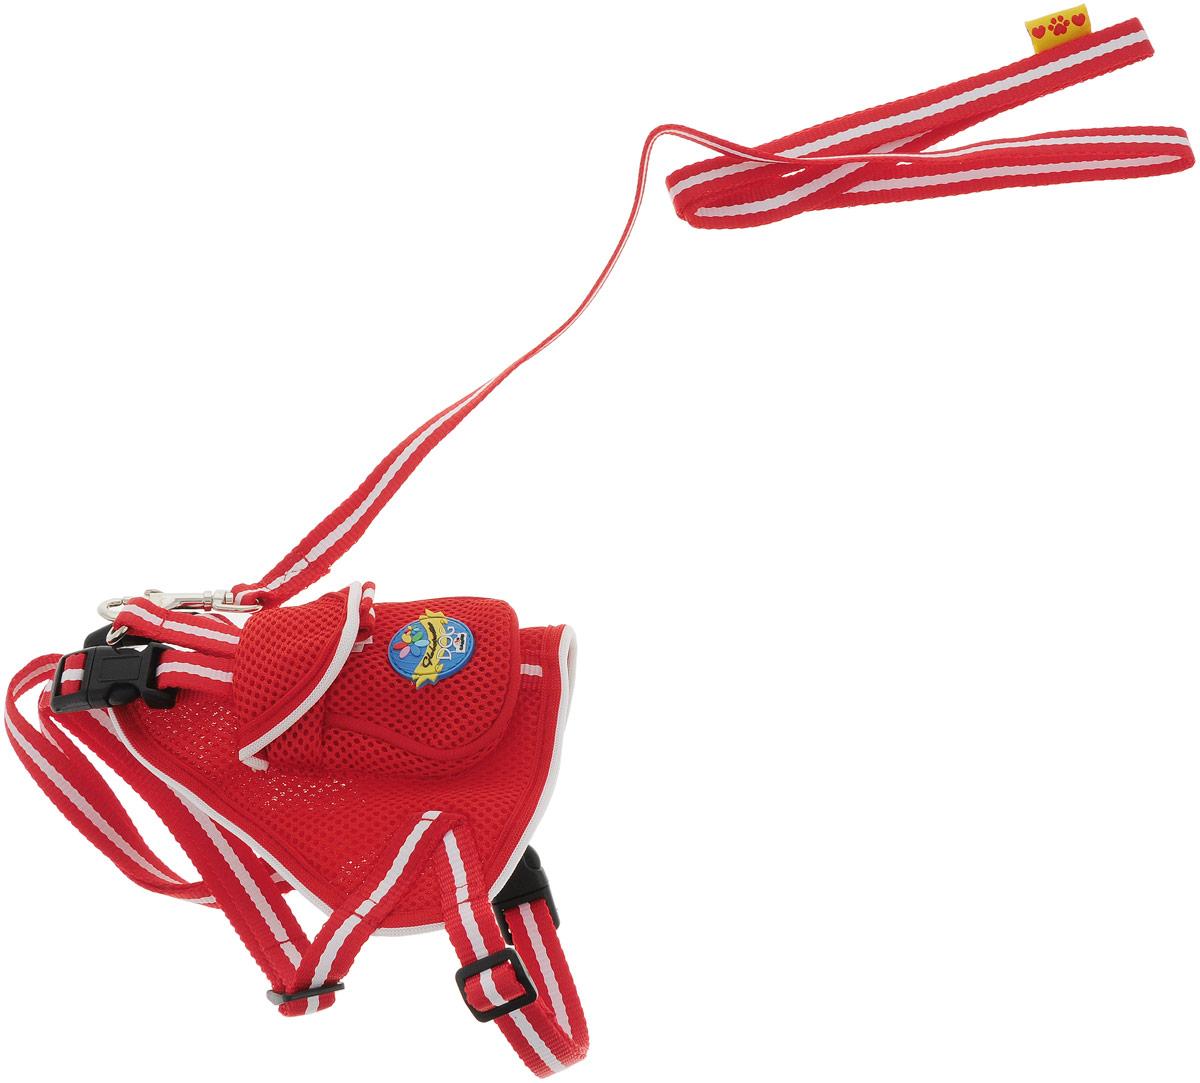 Шлейка для собак Camon, с поводком, цвет: красный, 50 см. Размер MDC034/BШлейка для собак Camon предназначена для мелких пород собак. В отличие от ошейника, она бережно охватывает шею и грудь питомца, не пережимая тело. Движения животного при этом не скованы, а наличие самой шлейки практически не ощущается. Шлейка изготовлена из мягкого сетчатого материала и дополнена кармашком на спинке. Мягкая ткань делает прогулки домашнего питомца комфортными и легкими, позволяет почувствовать свободу движения. В комплект со шлейкой входит поводок, крепящийся при помощи металлического карабина. Рекомендуем!